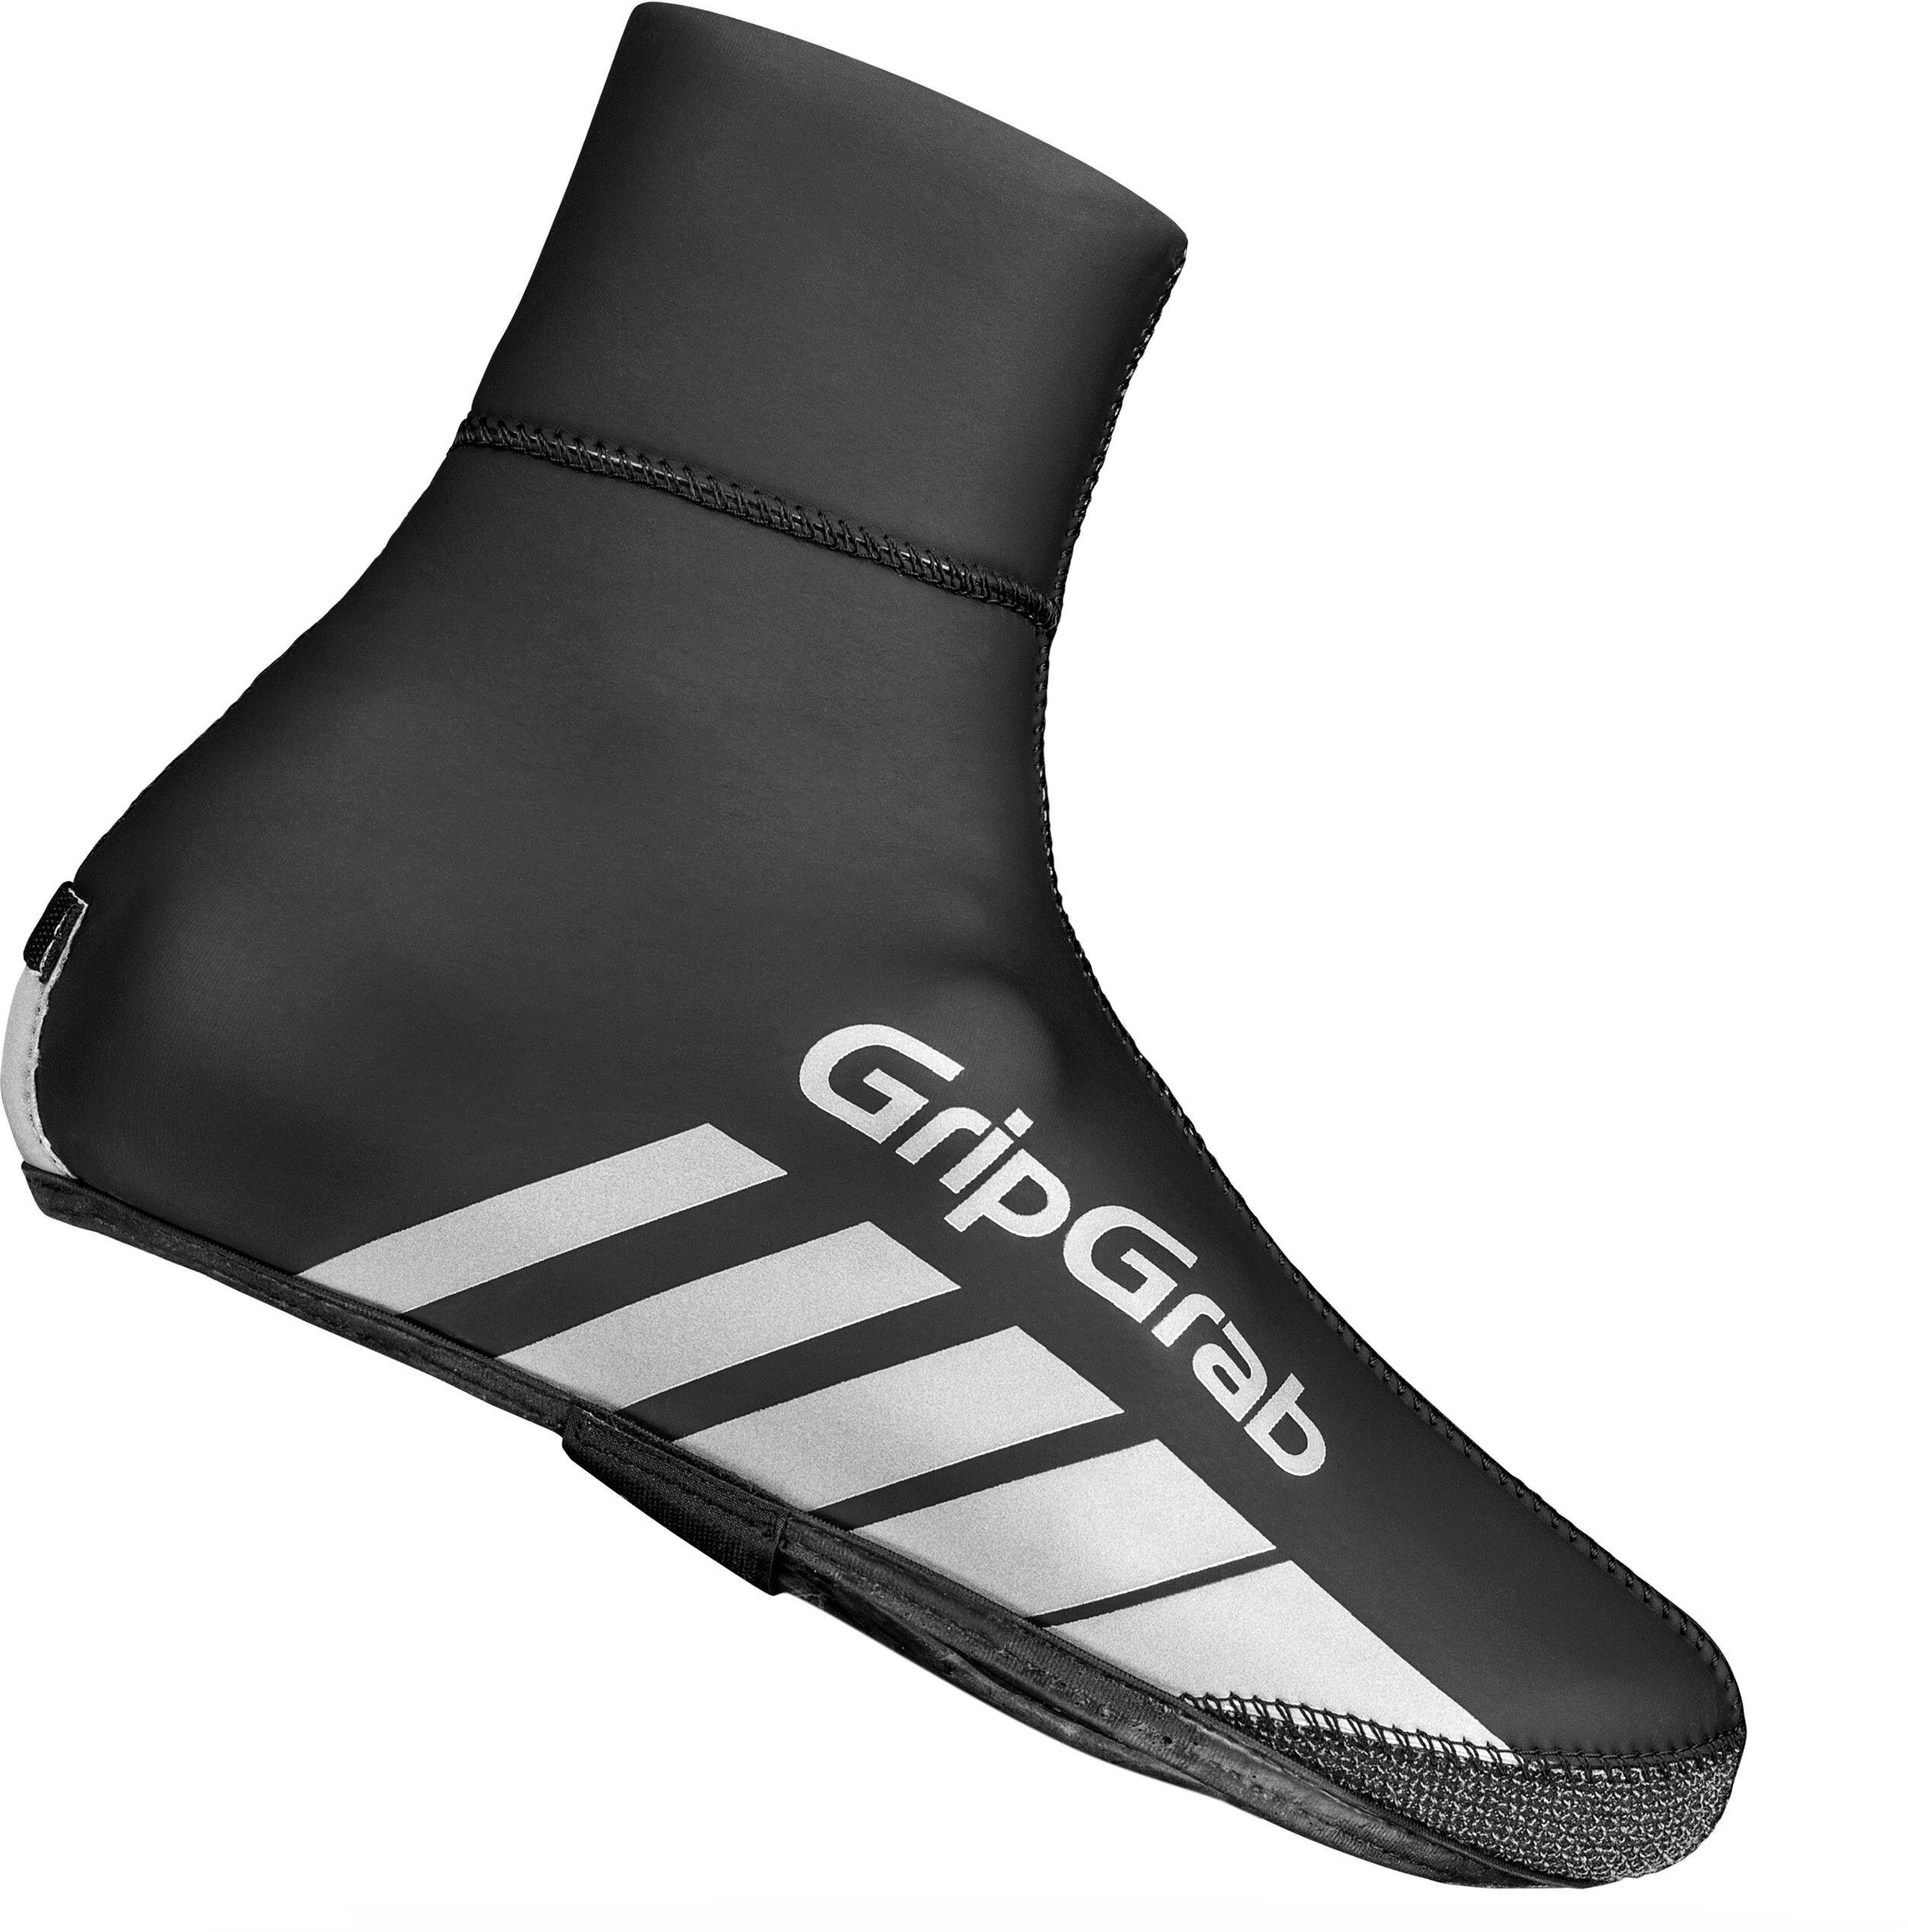 GripGrab RaceThermo Skoöverdrag svart - till fenomenalt pris på Bikester bed03515a4fc1